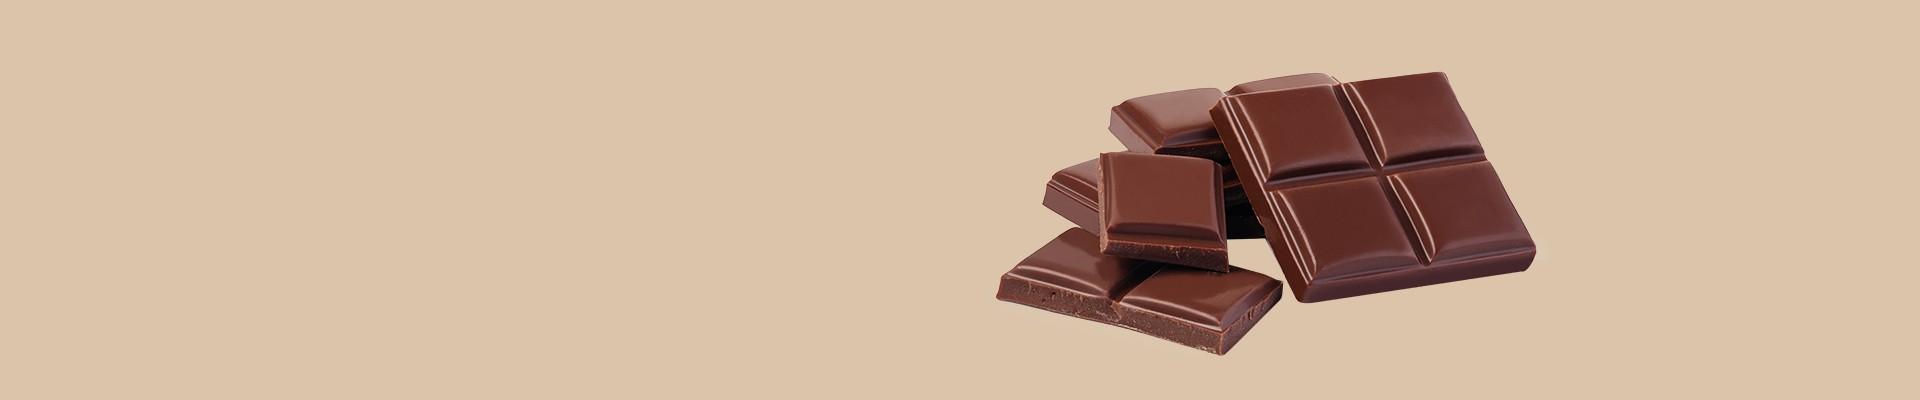 Jual Coklat Batangan & Cokelat Bubuk